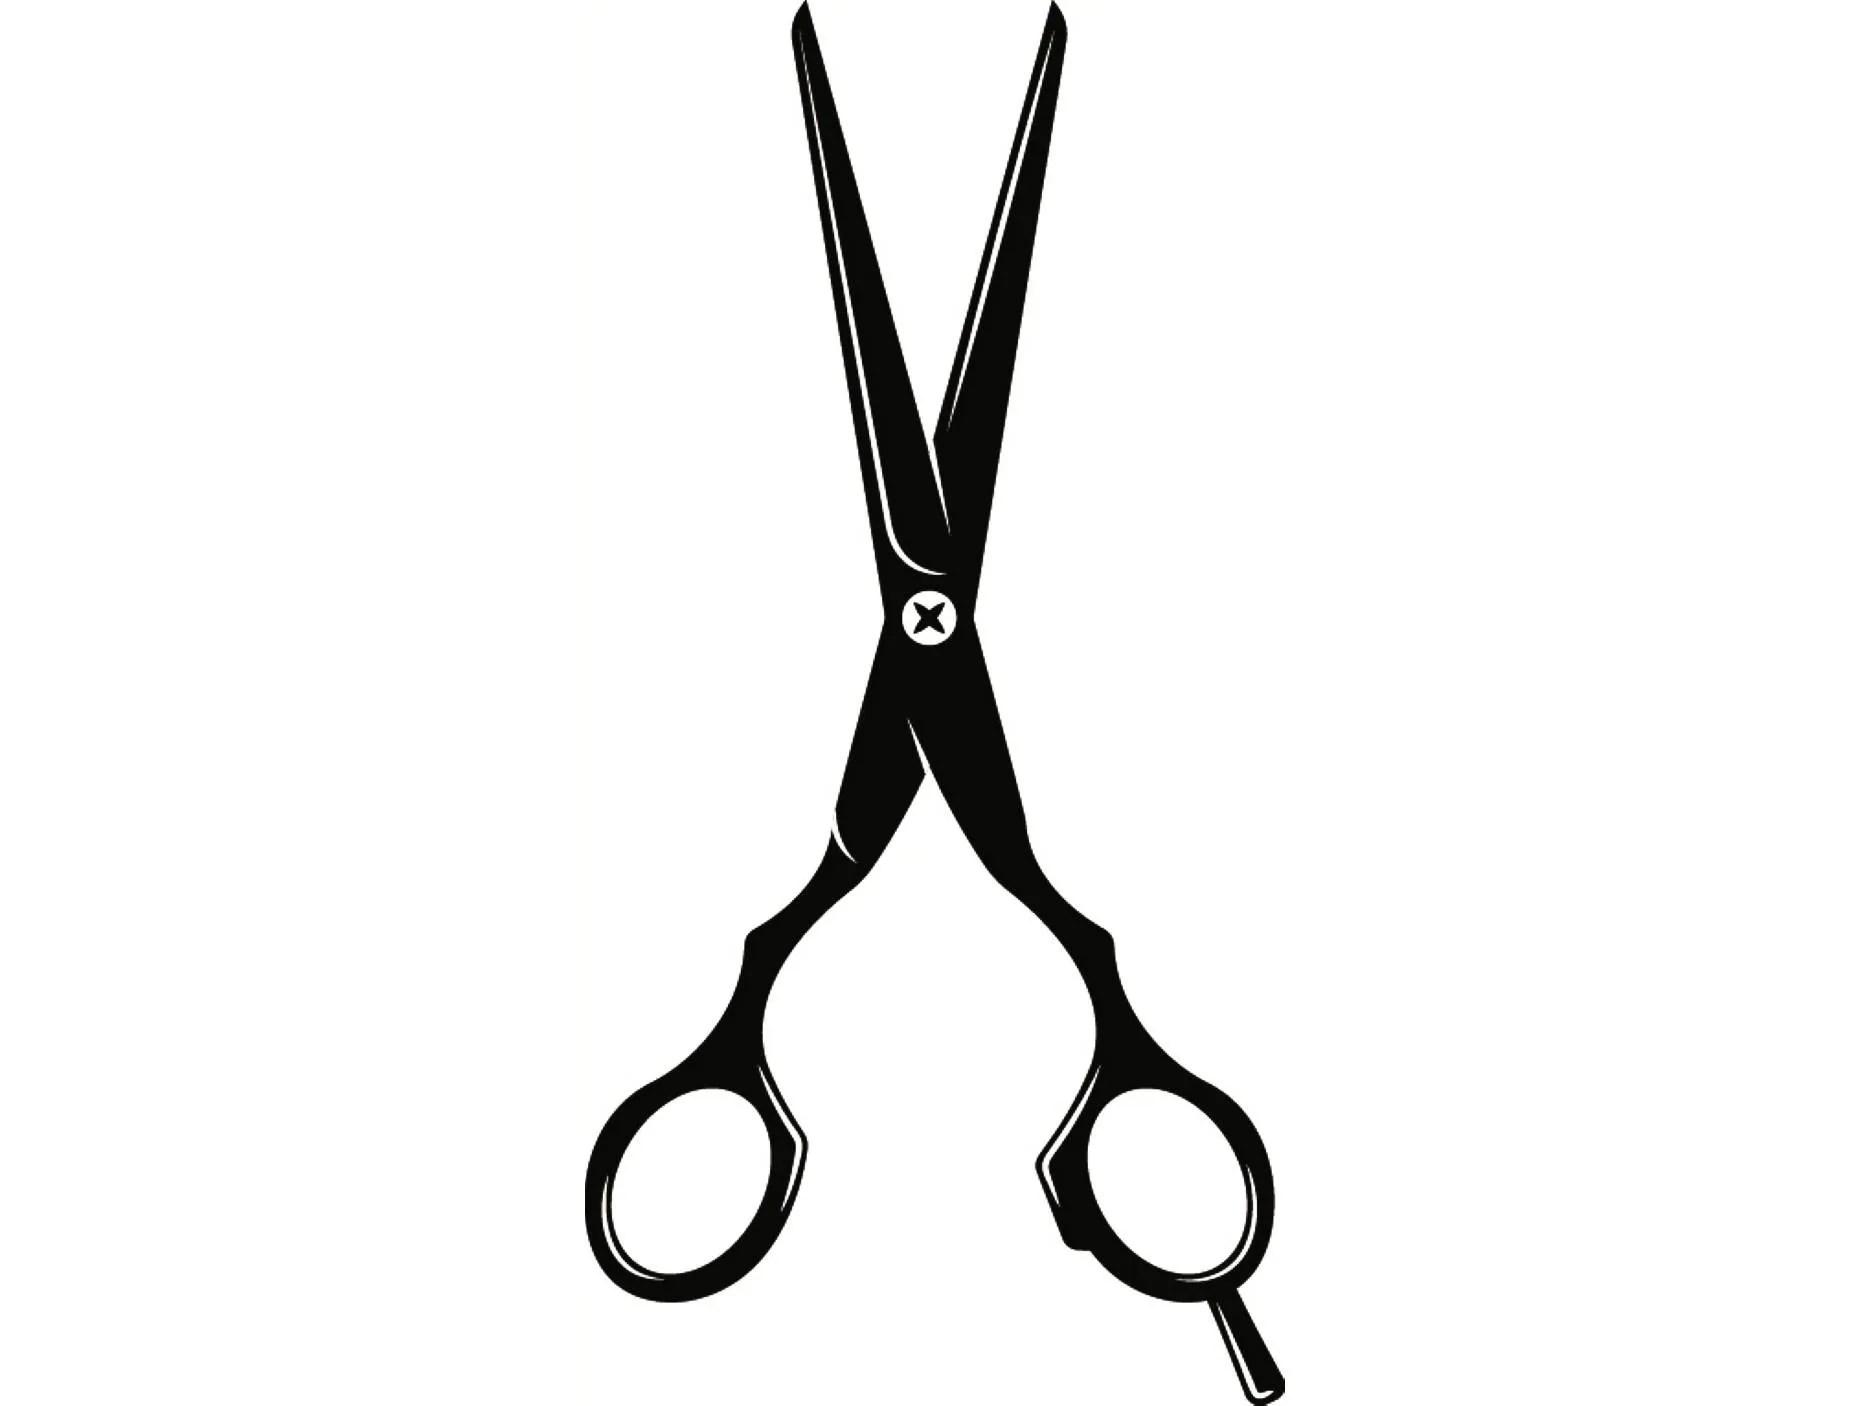 hair scissors #1 barber sheer hairstylist